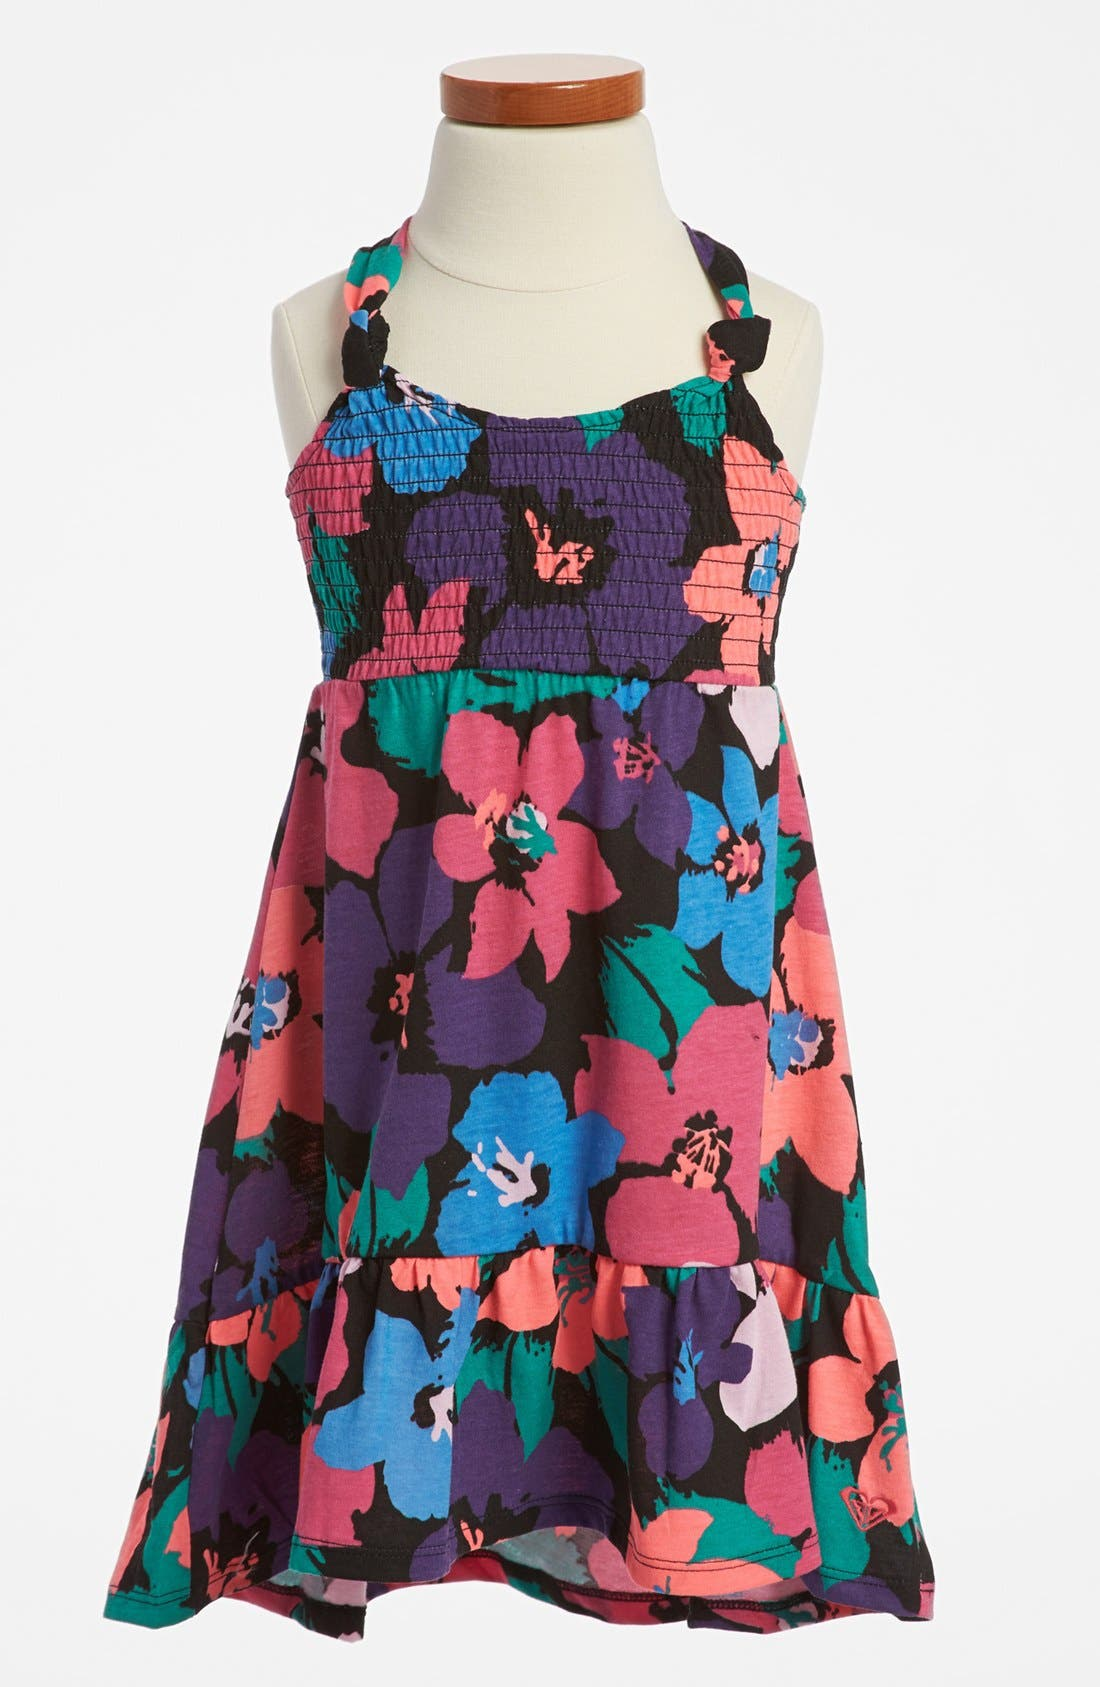 Alternate Image 1 Selected - Roxy 'Sweet Summertime' Dress (Little Girls)